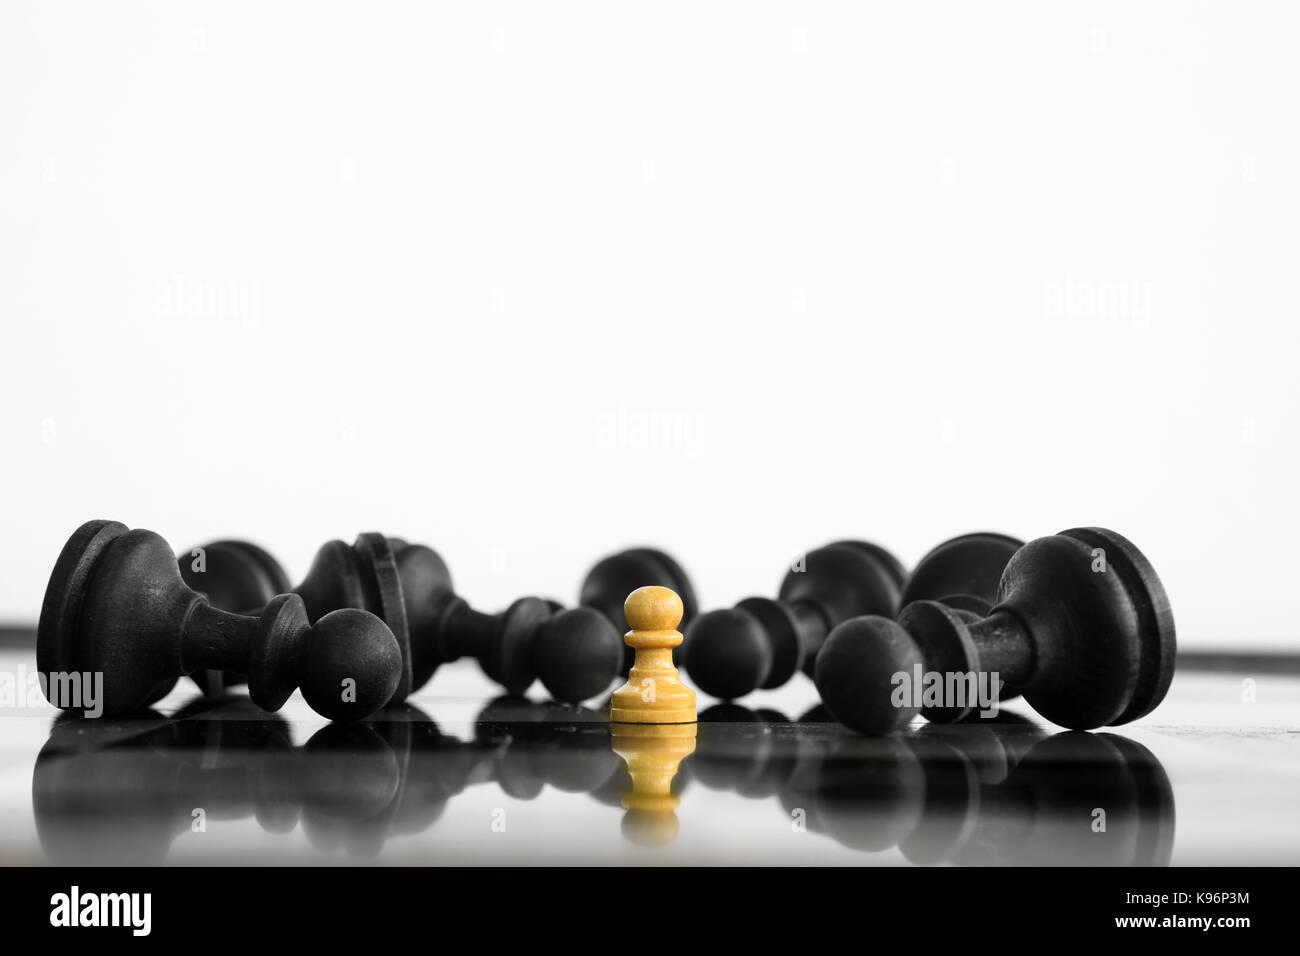 Peon blanco victoriosa de pie delante de un derrotado ejército negro de ajedrez después del enfrentamiento. Imagen De Stock